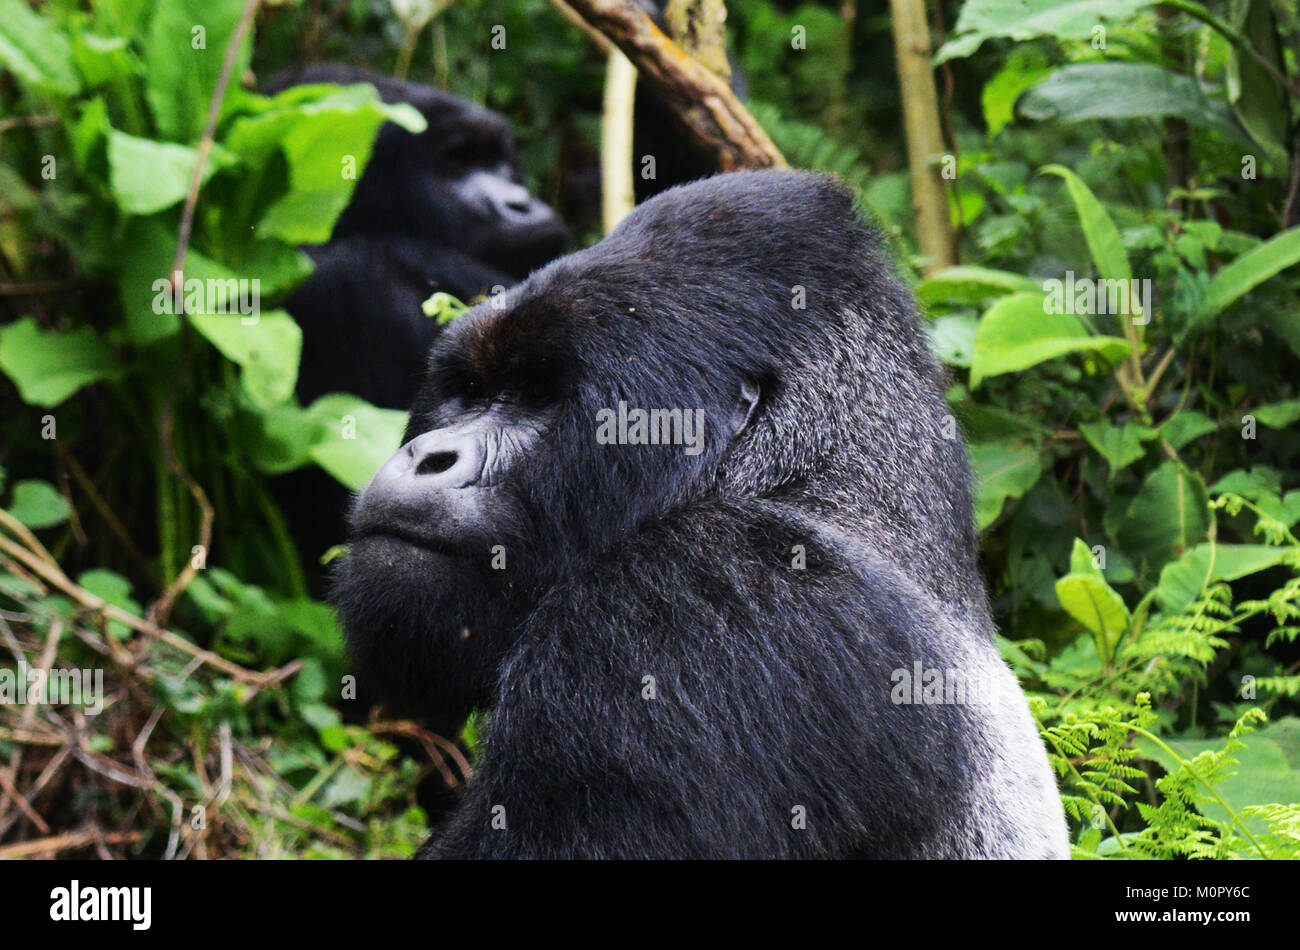 A Mountain Gorilla in Virunga national park, Eastern Congo. - Stock Image